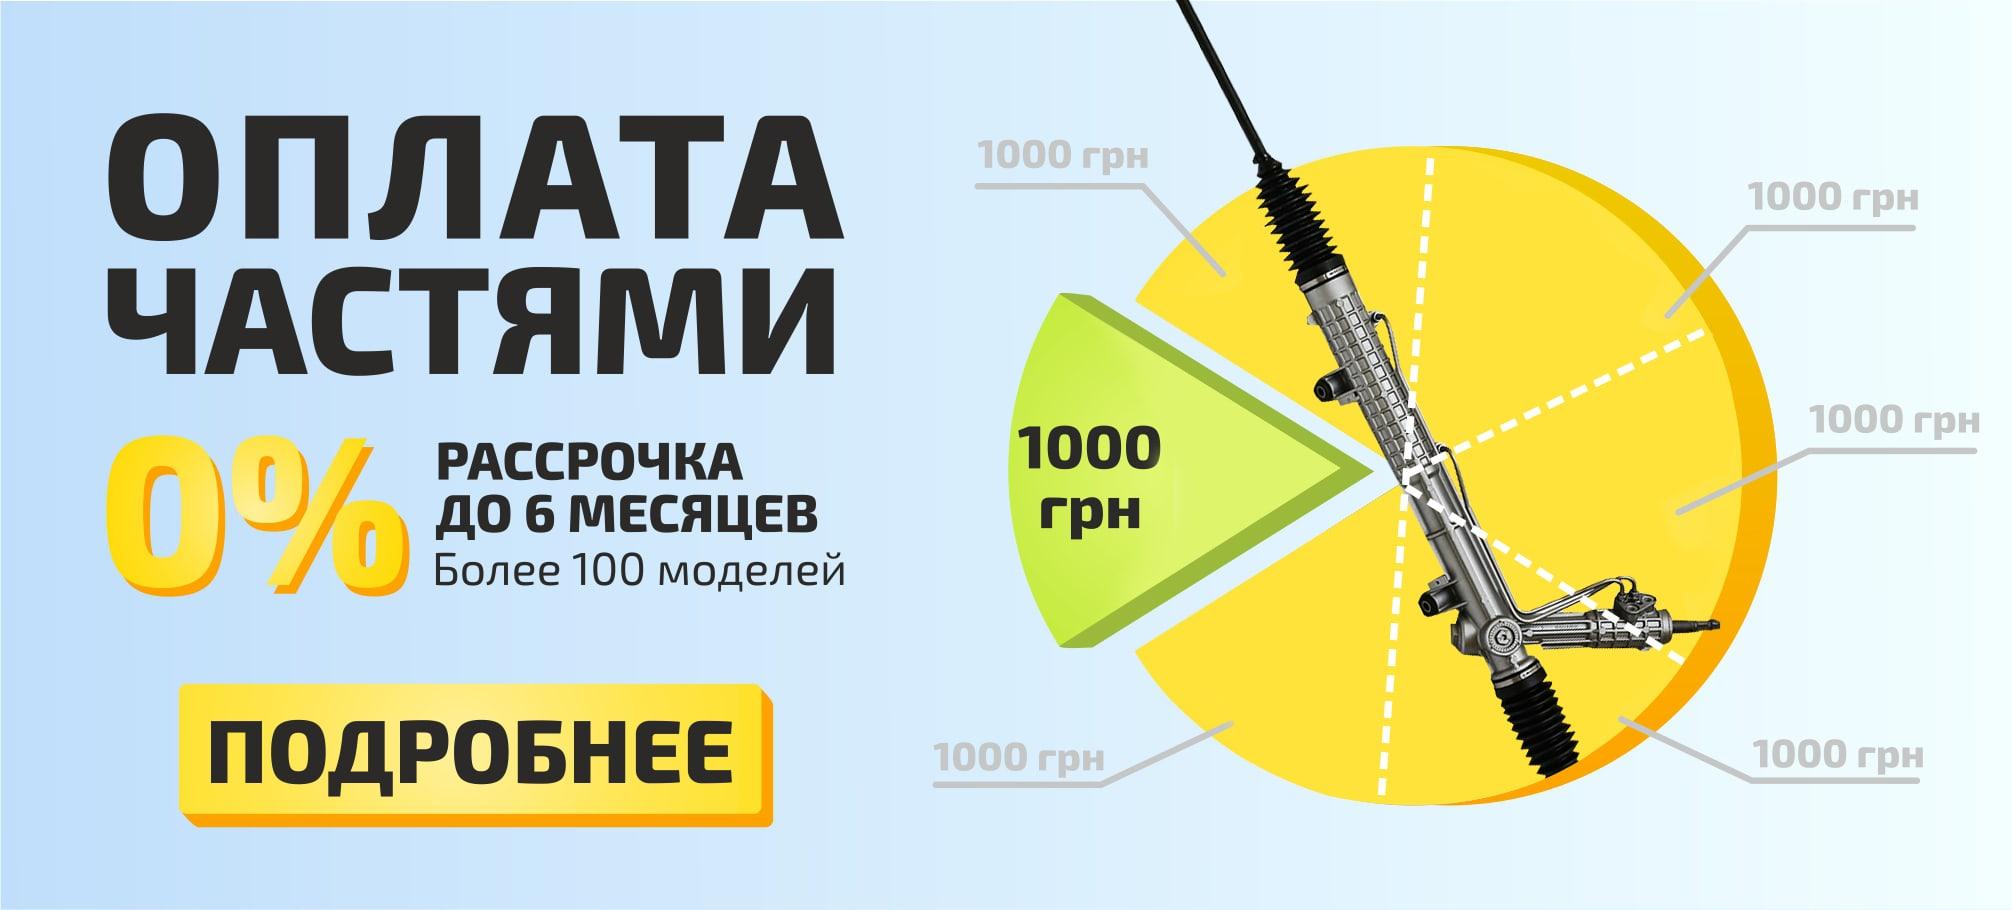 Оплата частями Укр автогидравлика